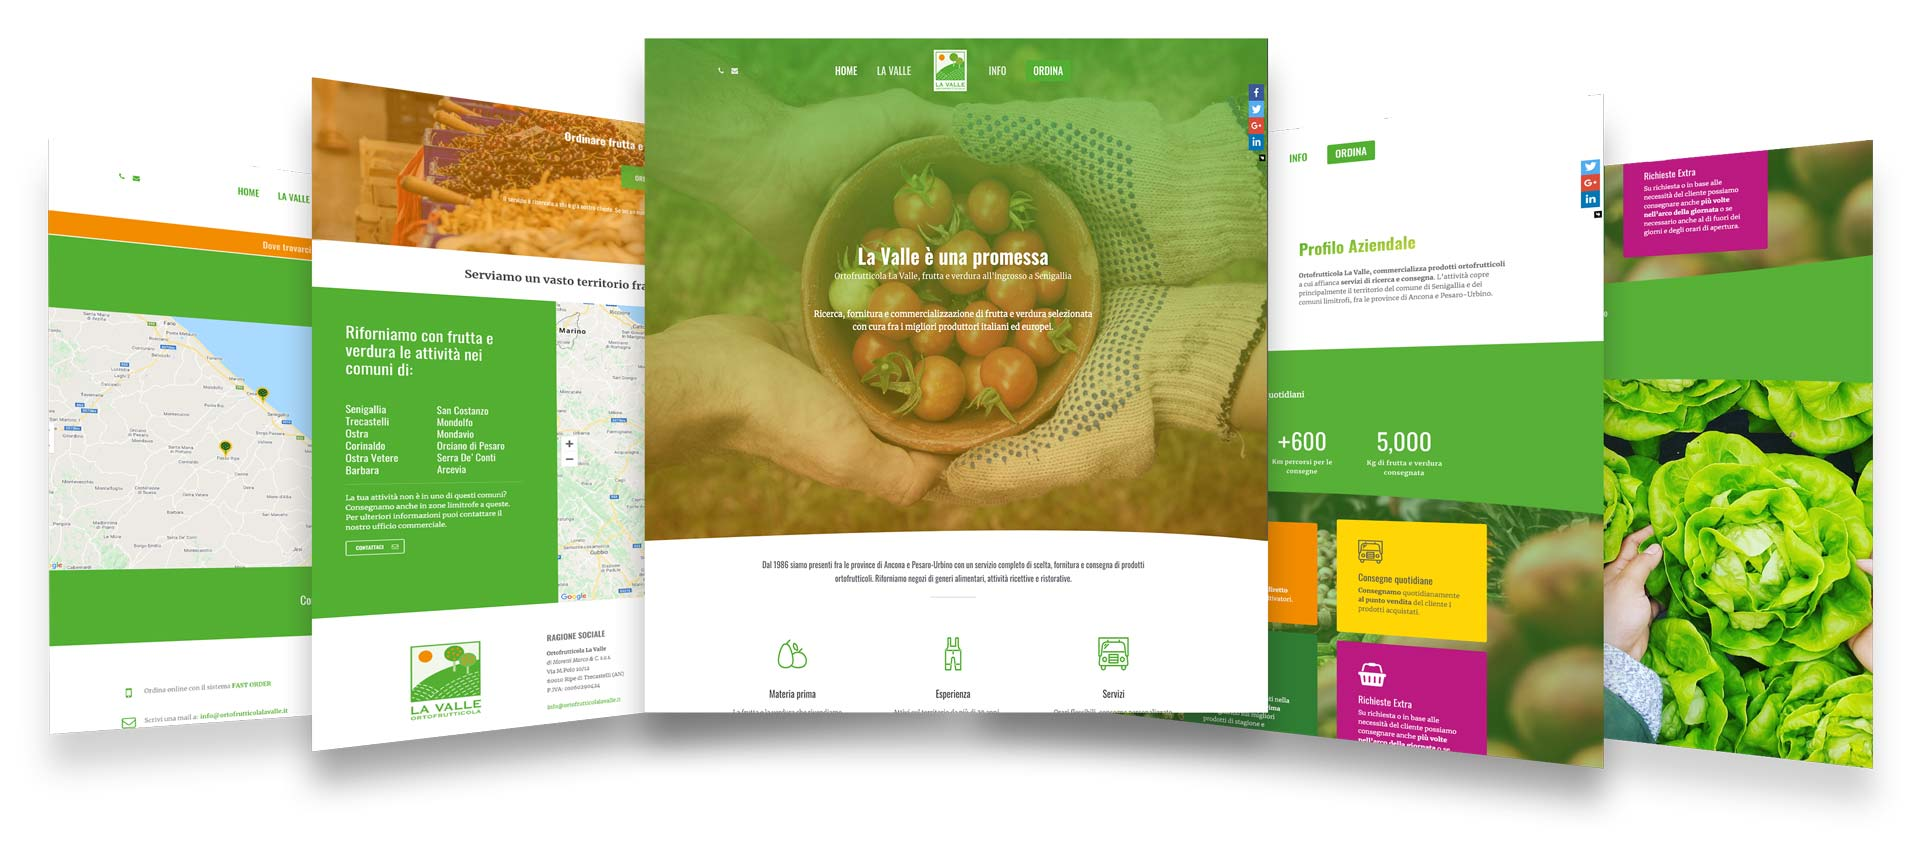 ortofrutticola la valle web design